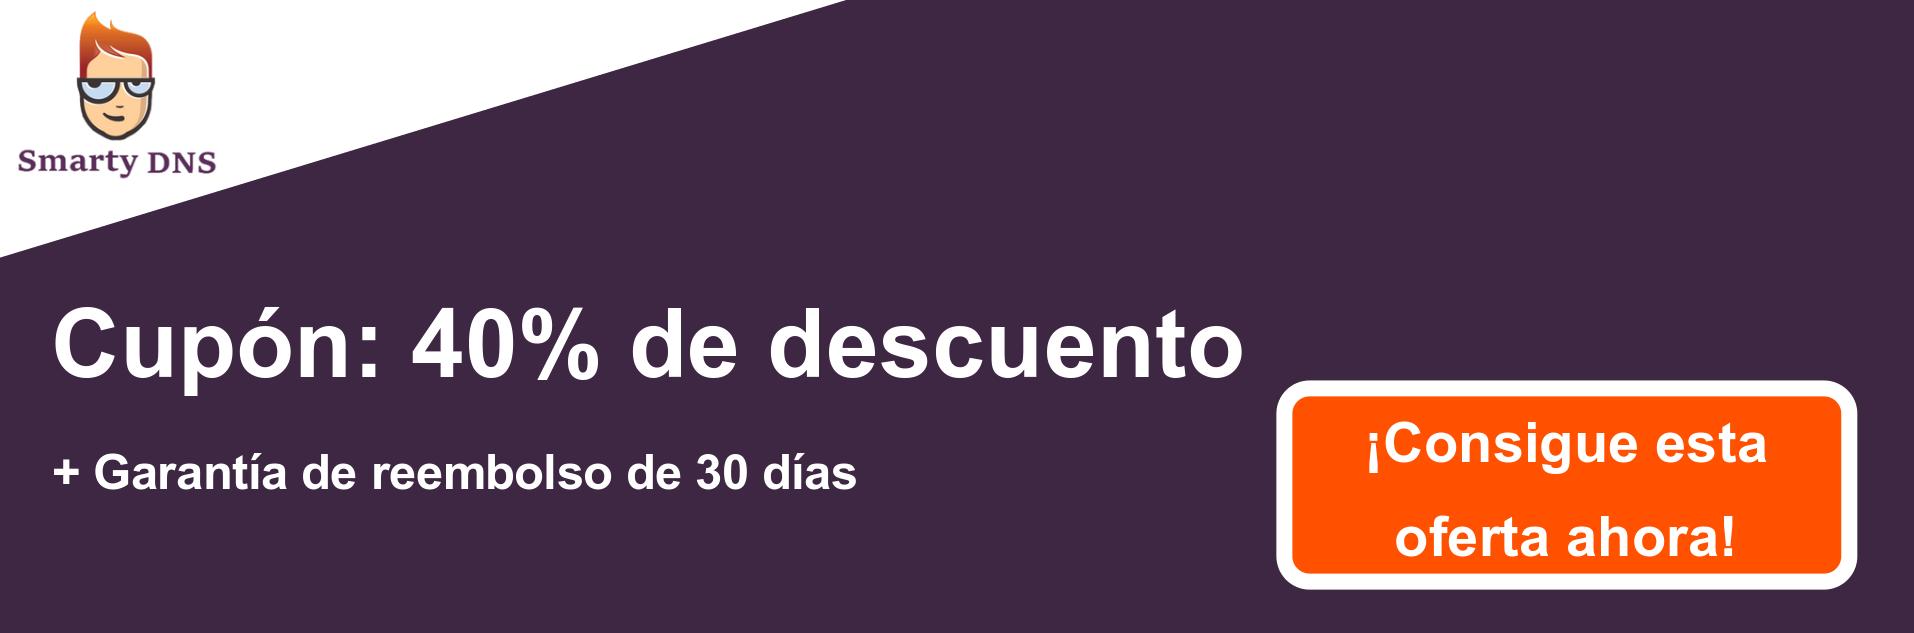 Banner de cupón SmartyDNS: 40% de descuento